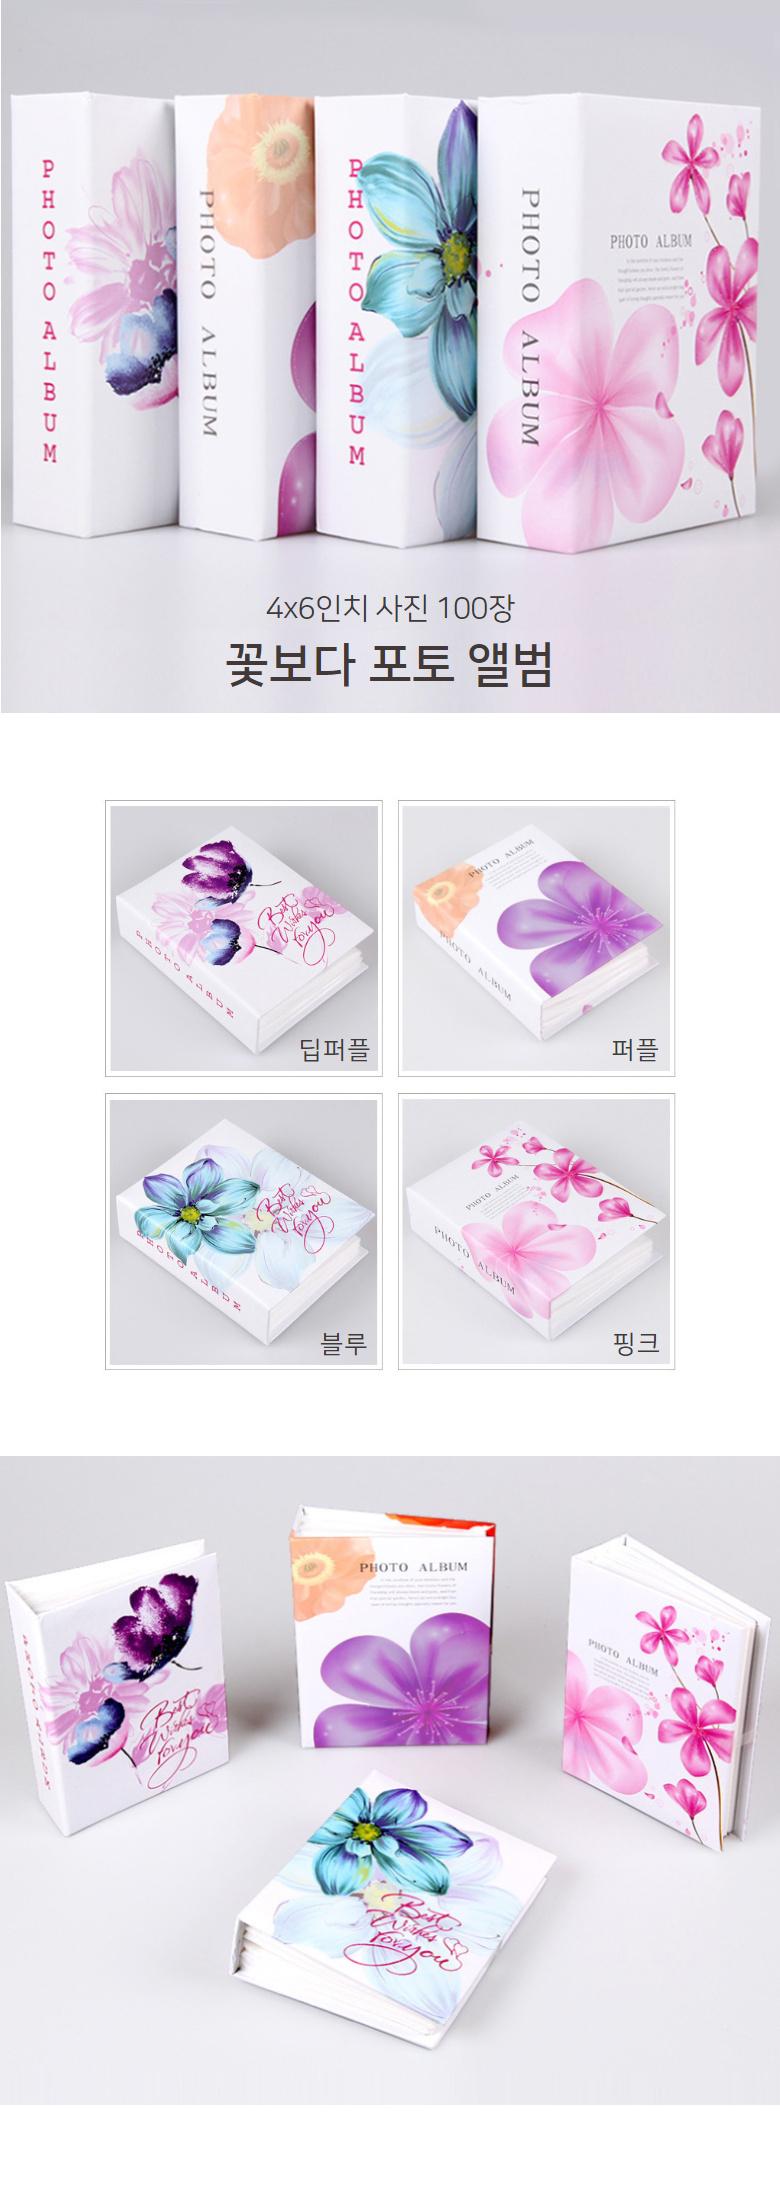 미니 포토앨범 4x6 사진첩 포켓 포토북 - 제이밀리율, 4,300원, 포켓앨범, 패턴